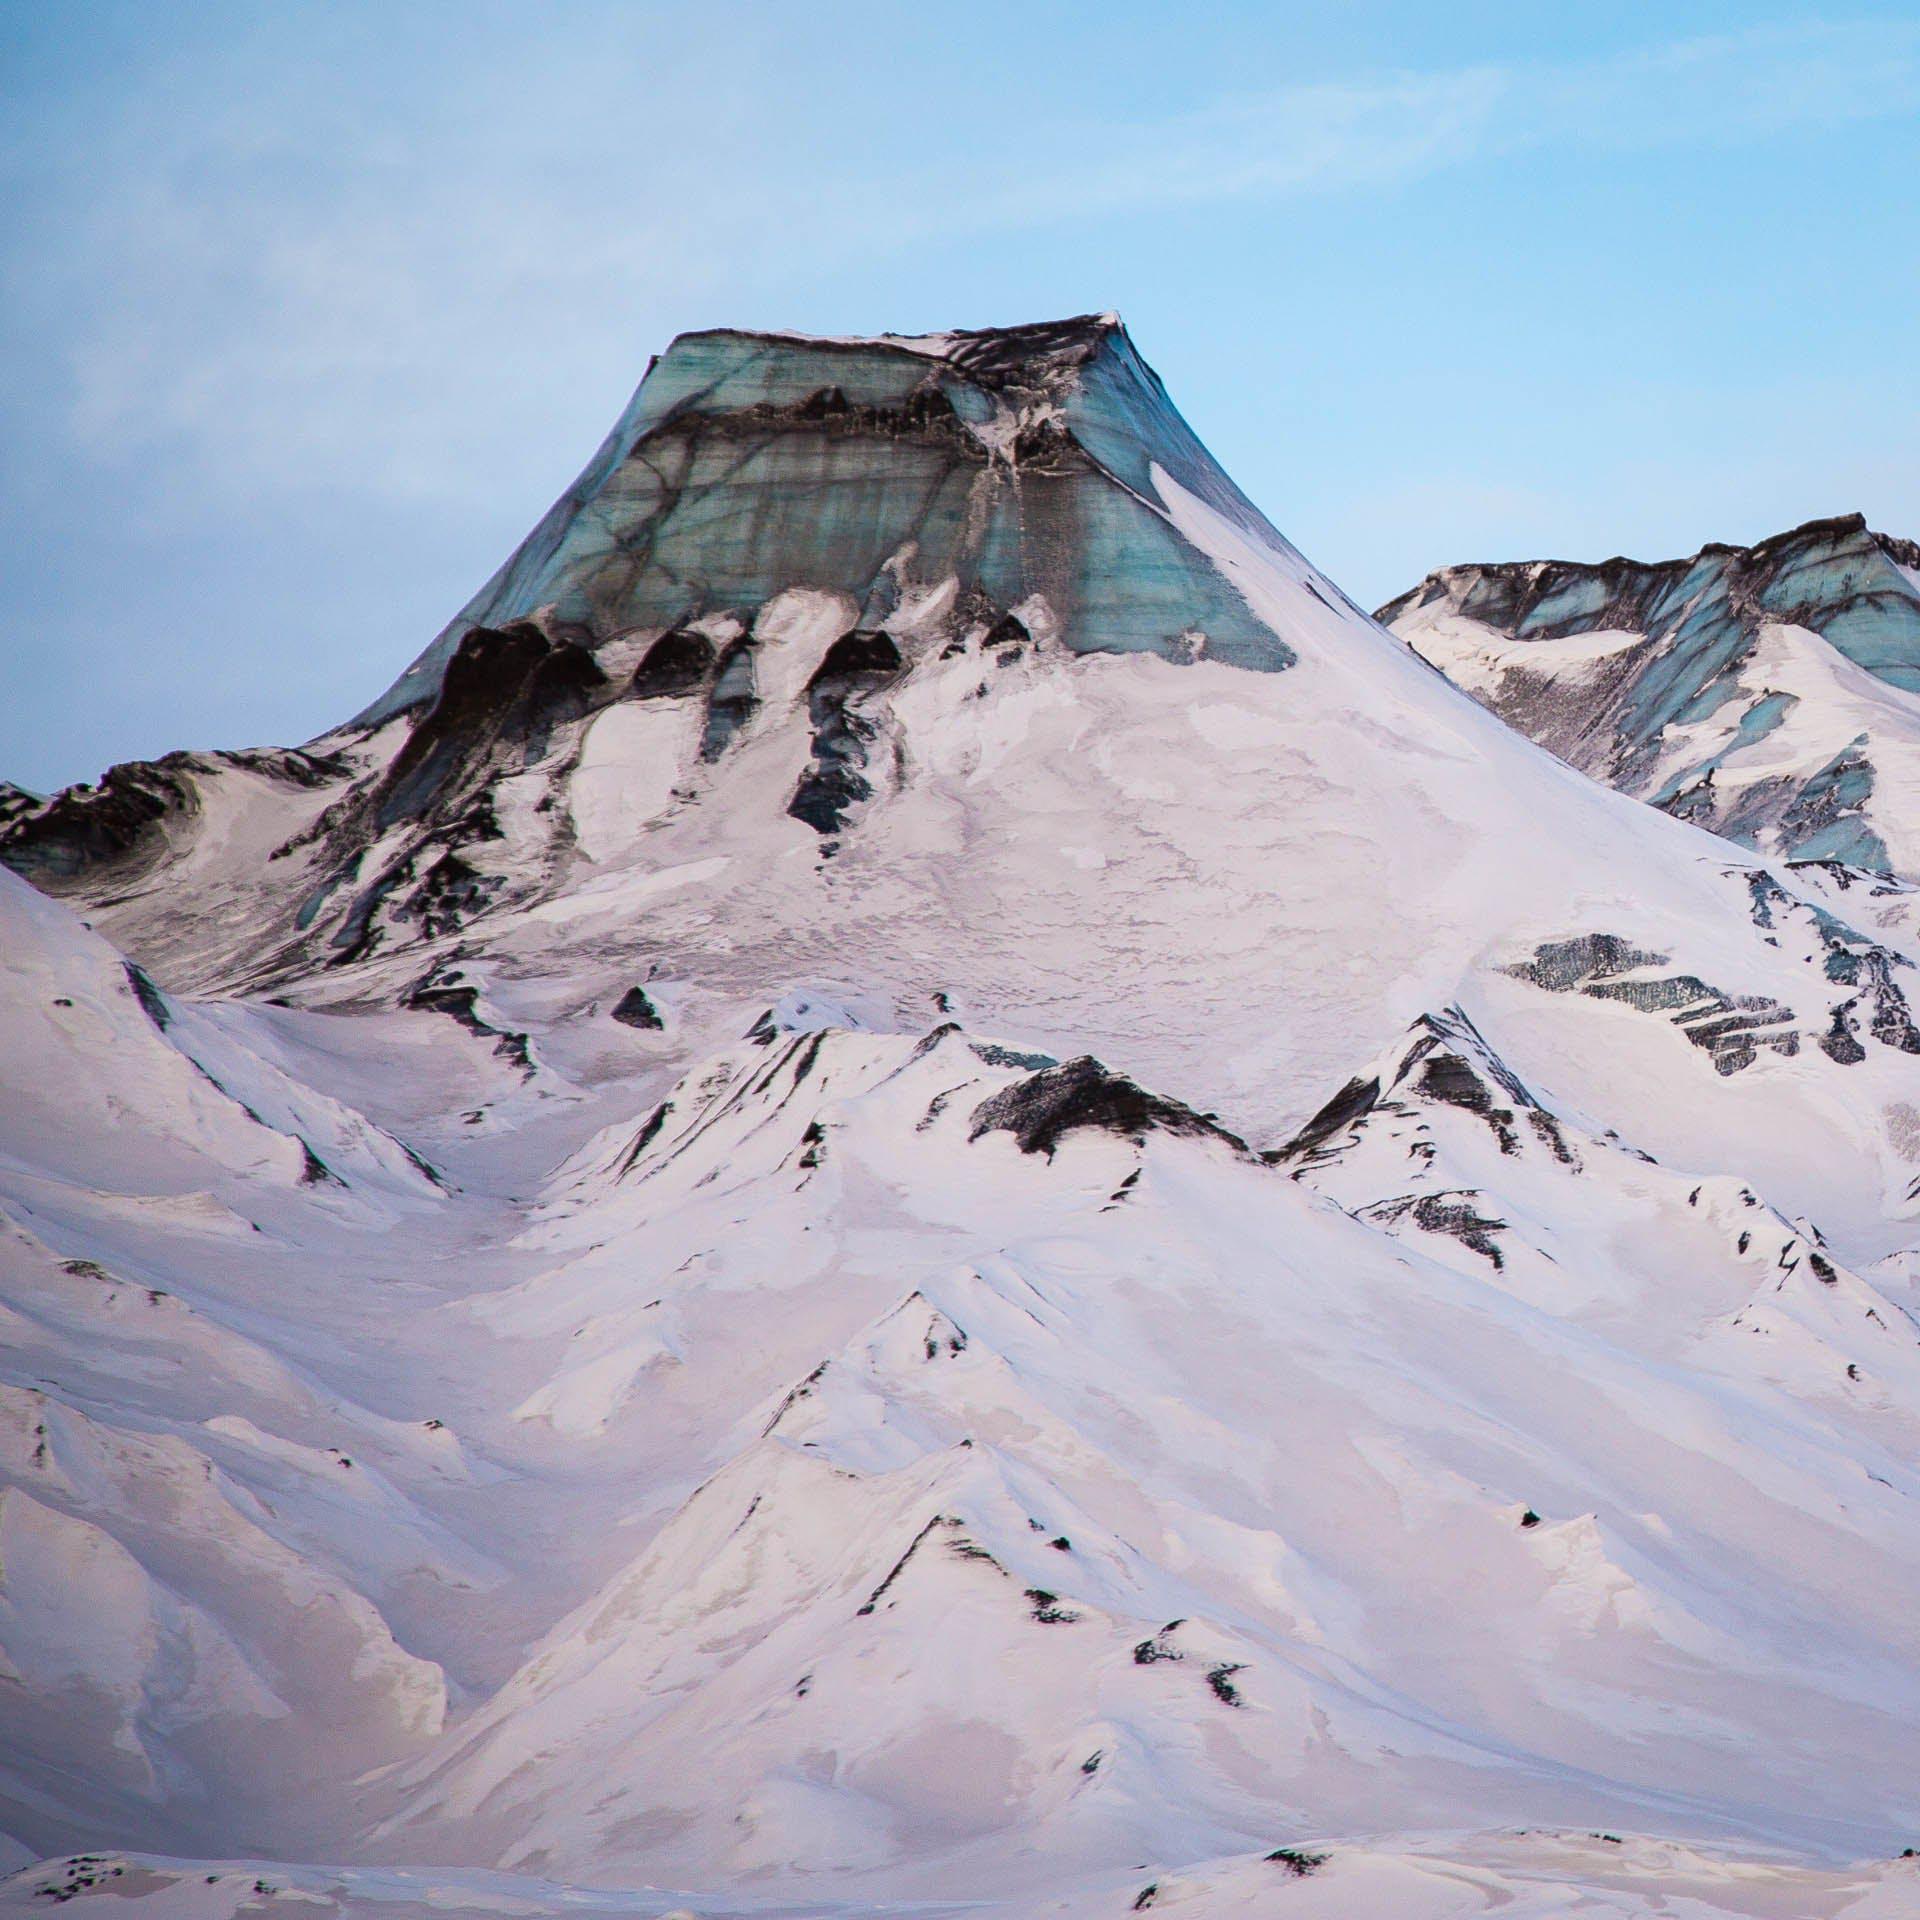 Cueva de hielo en Katla - Salida desde Reykjavík